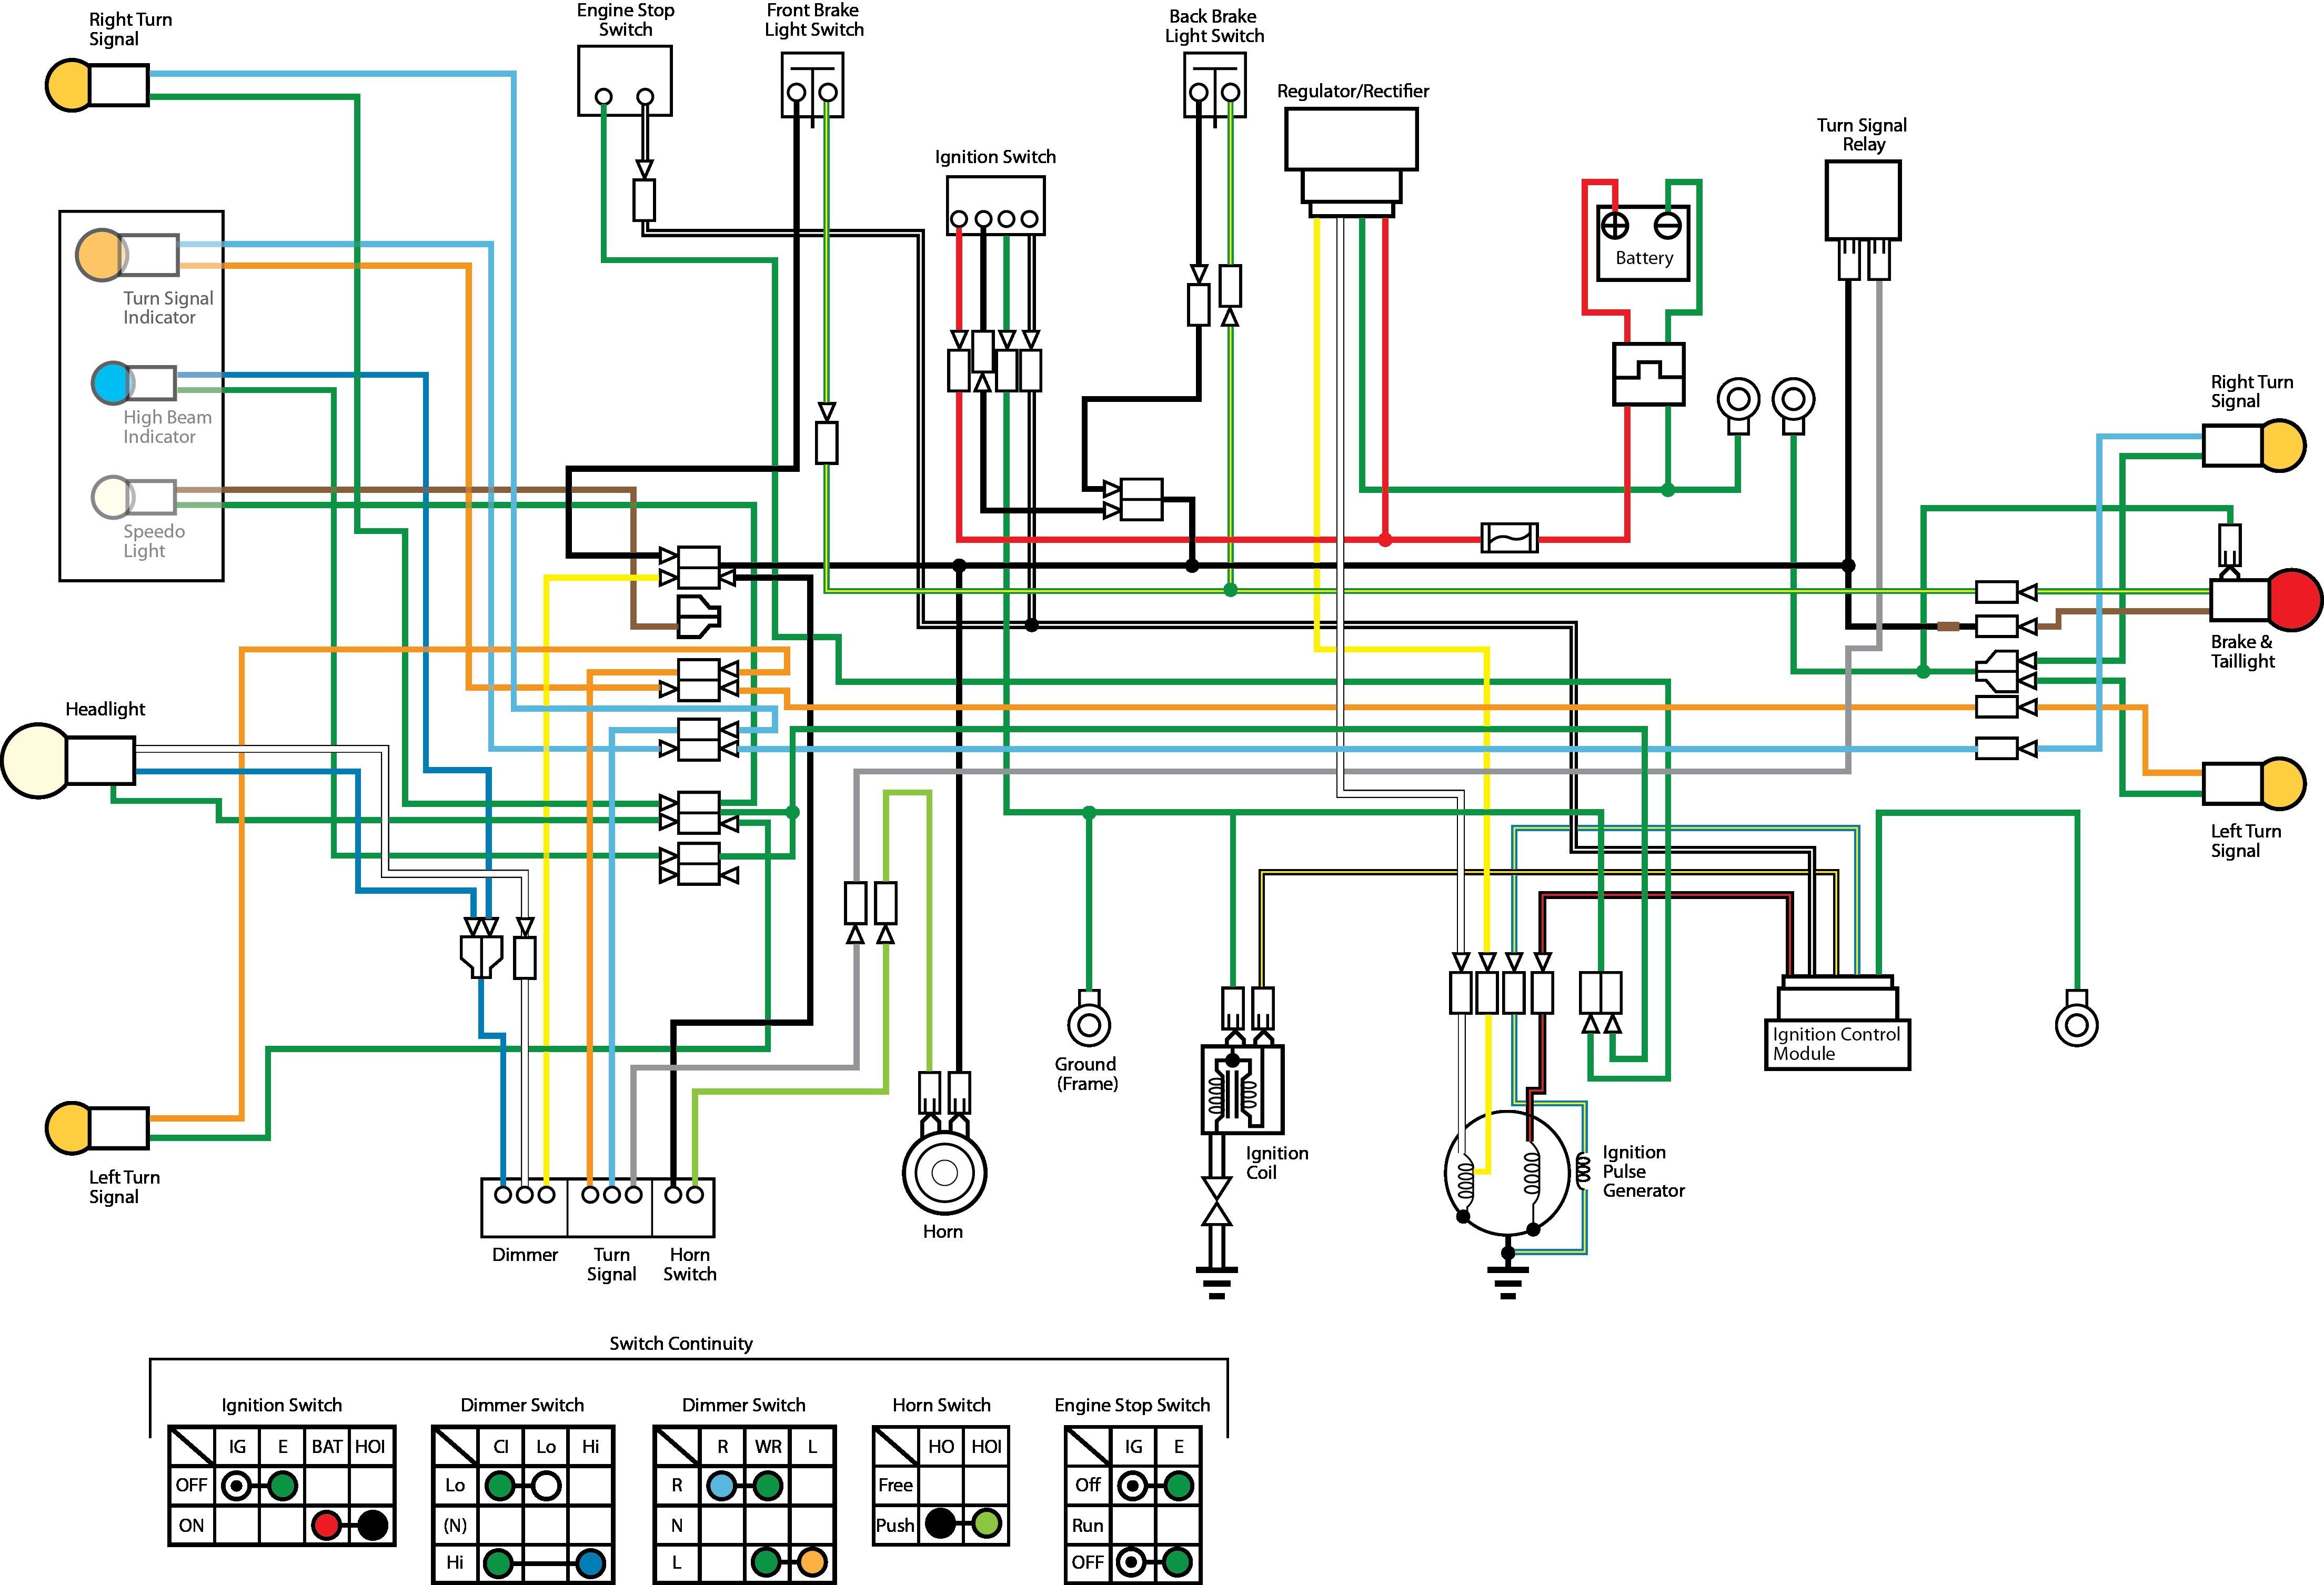 Basic Motorcycle Wiring Diagram Inspirational Electrical Wiring ...